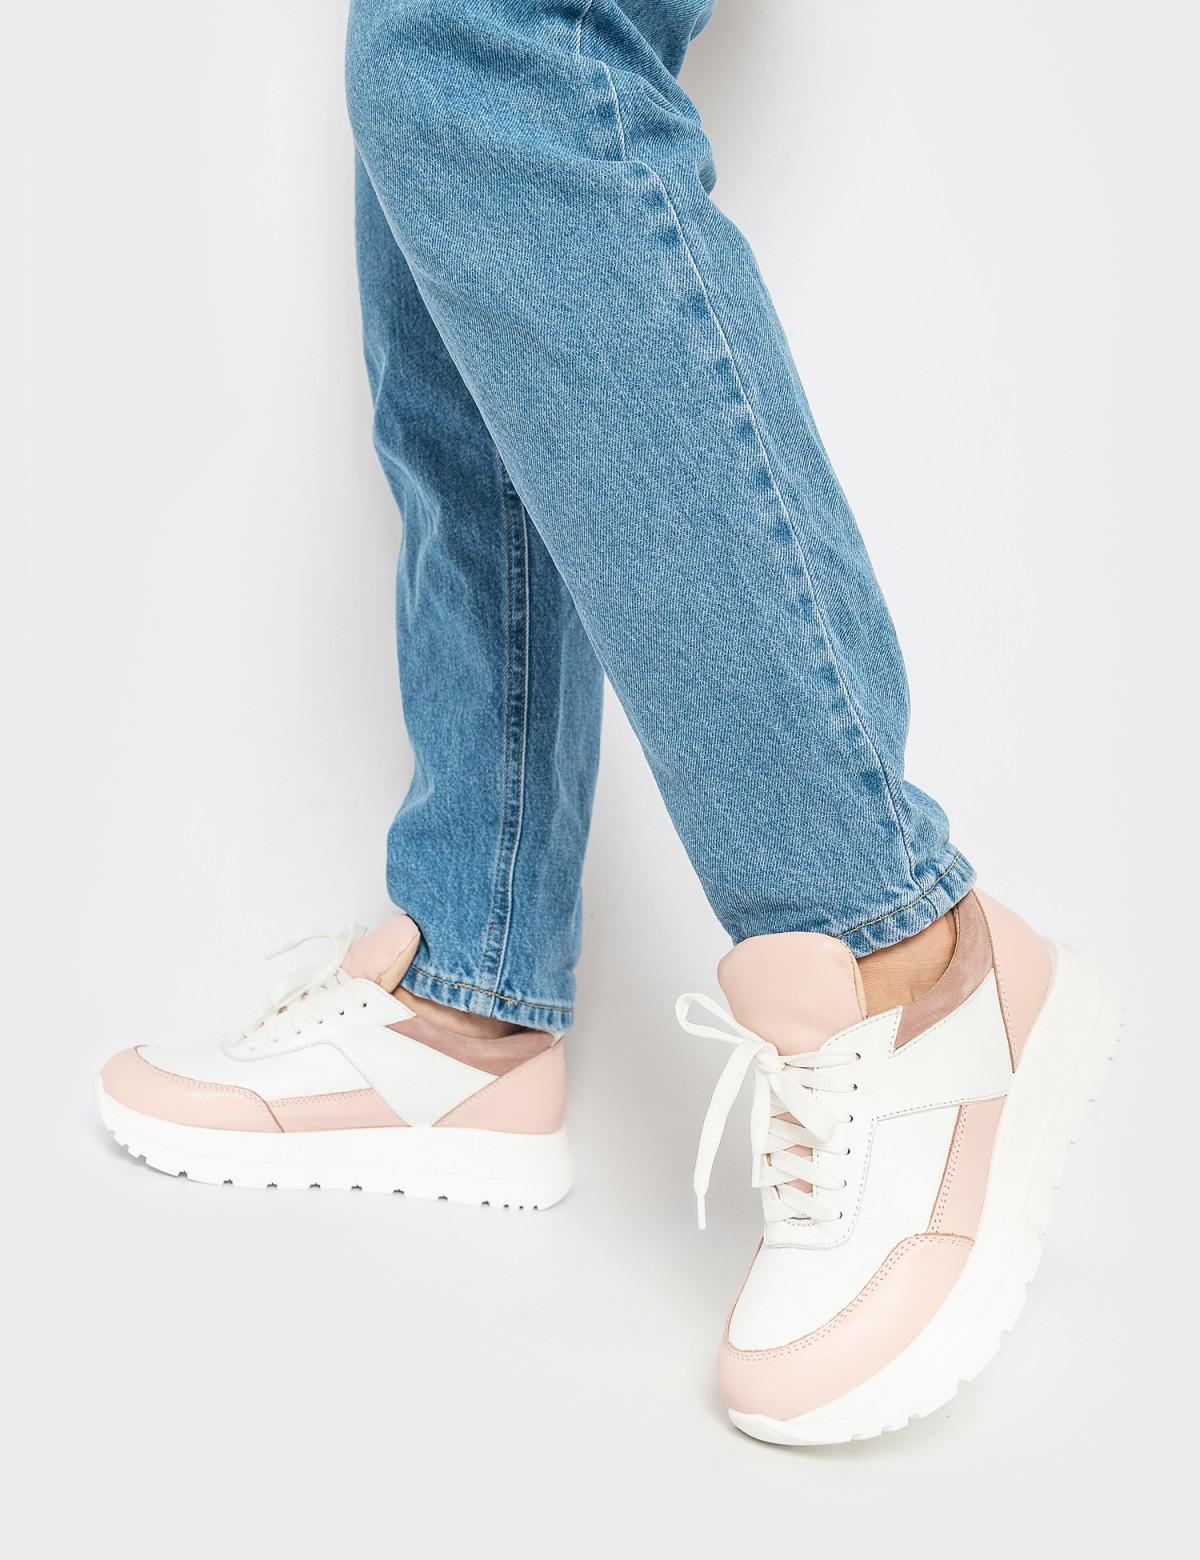 Кросівки білі\бежеві. Натуральна шкіра4